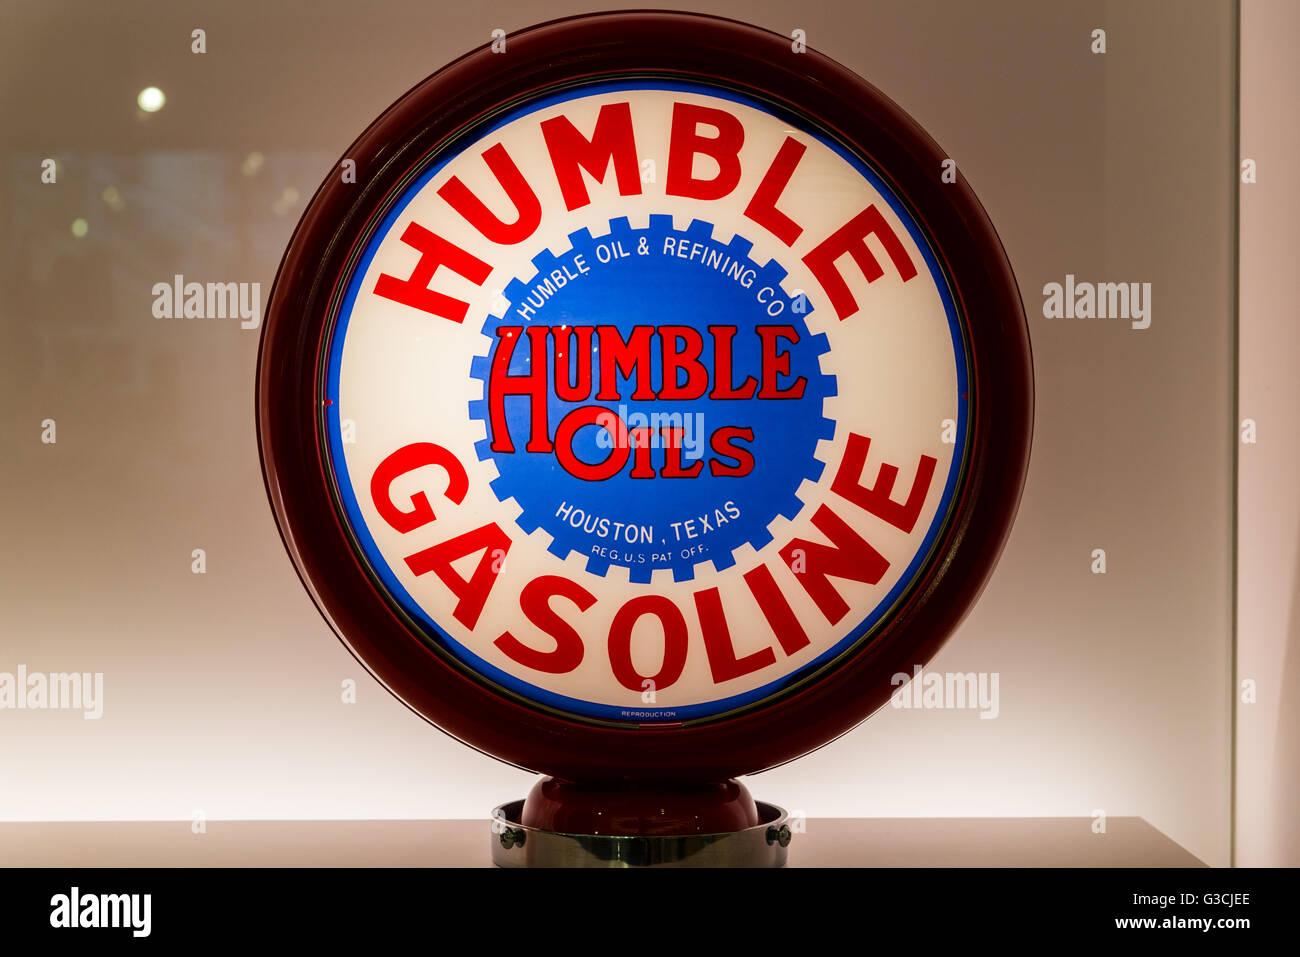 Globo di vetro per vintage umile pompa di benzina nel display. Immagini Stock